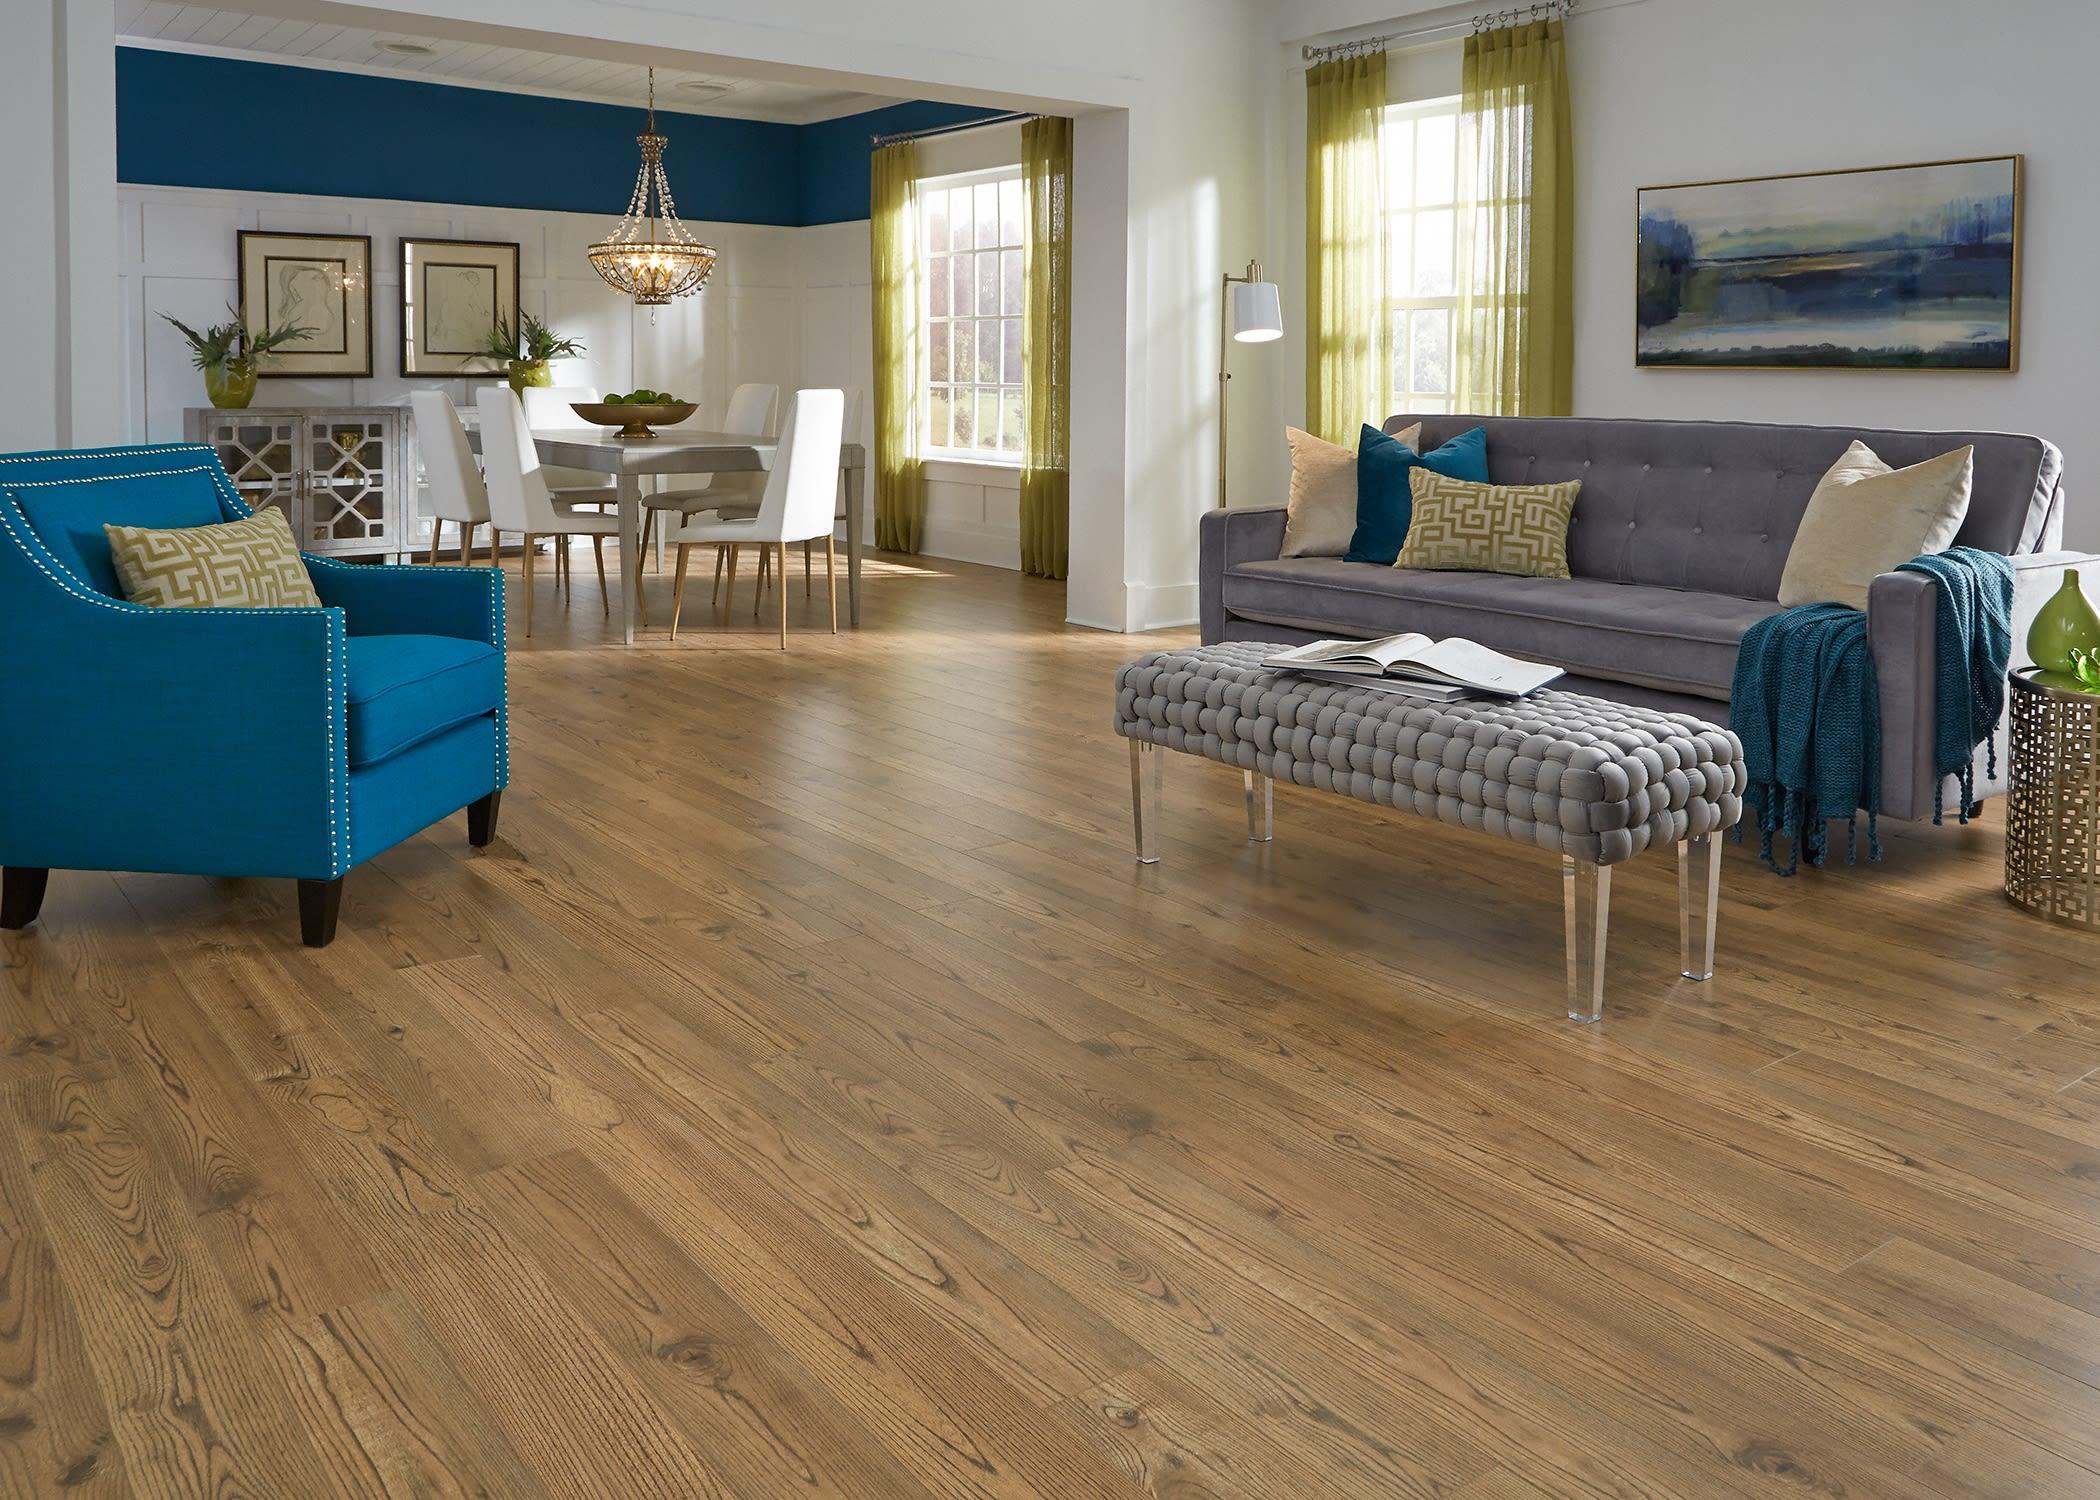 Golden Gate Oak Laminate Flooring